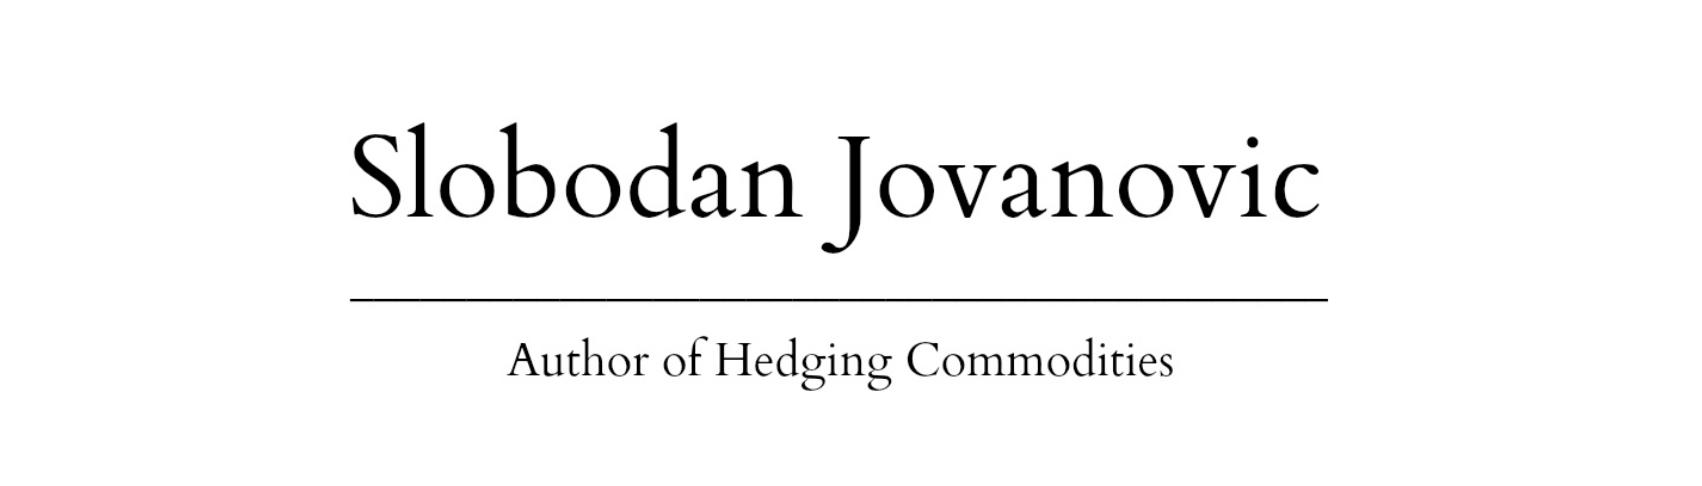 Slobodan Jovanovic